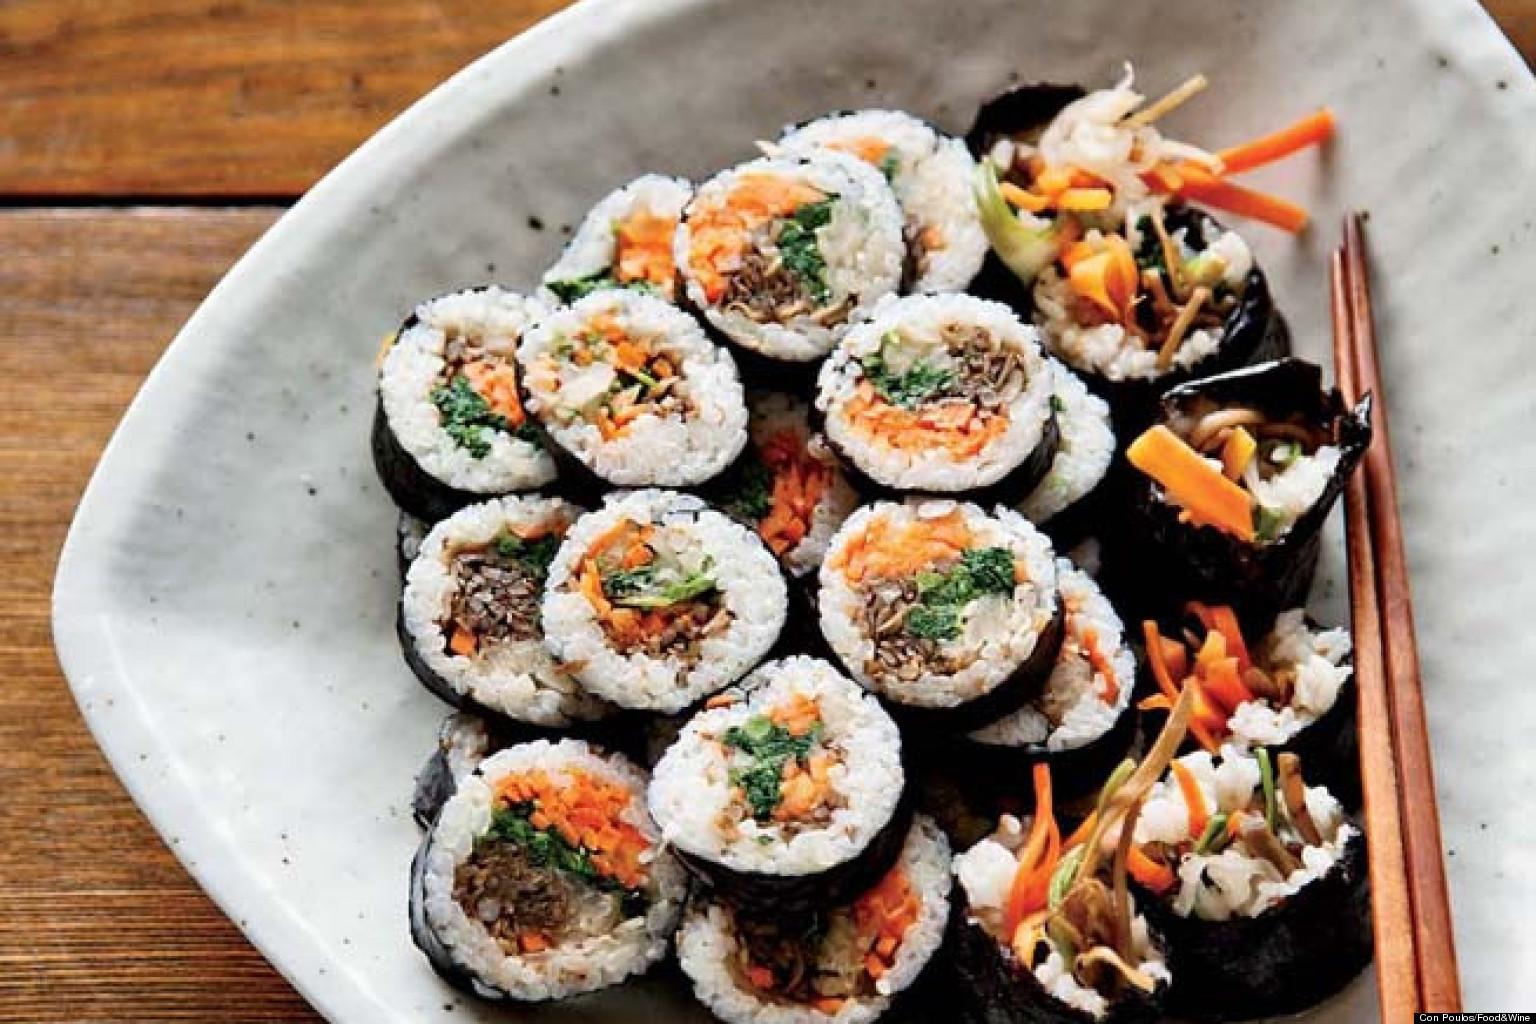 Best Korean Food For Beginners